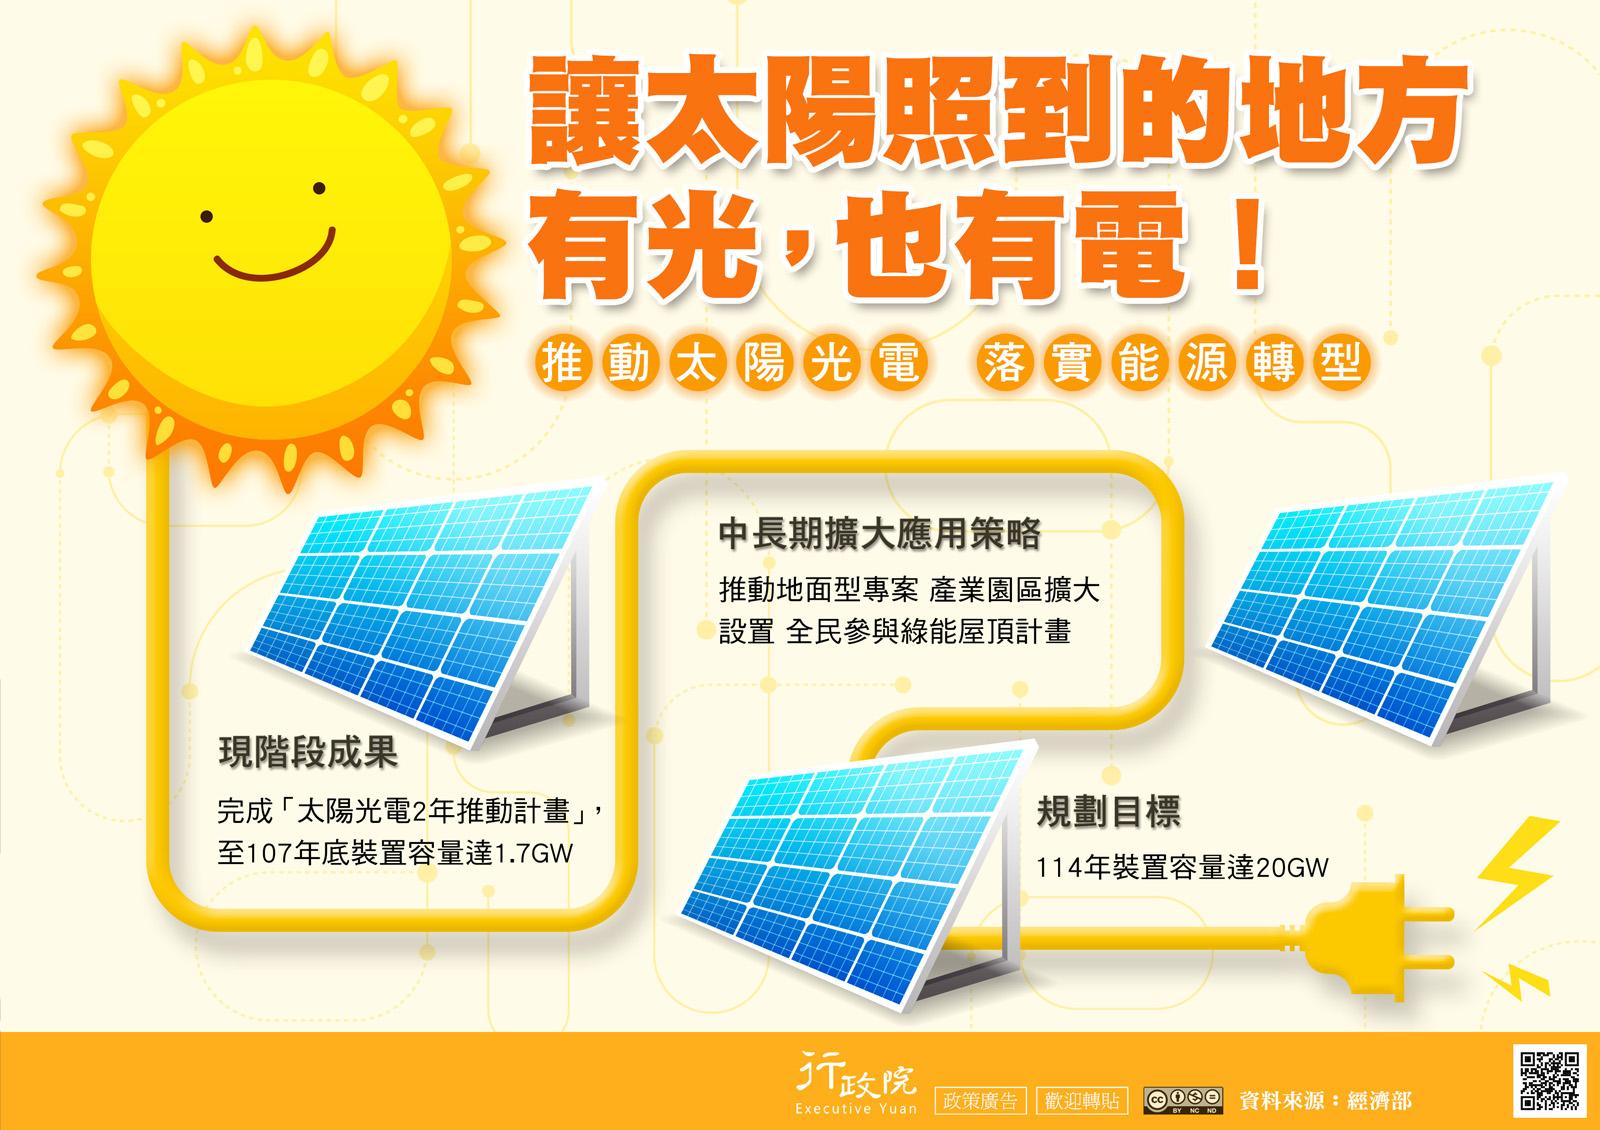 推動太陽光電 落實能源轉型